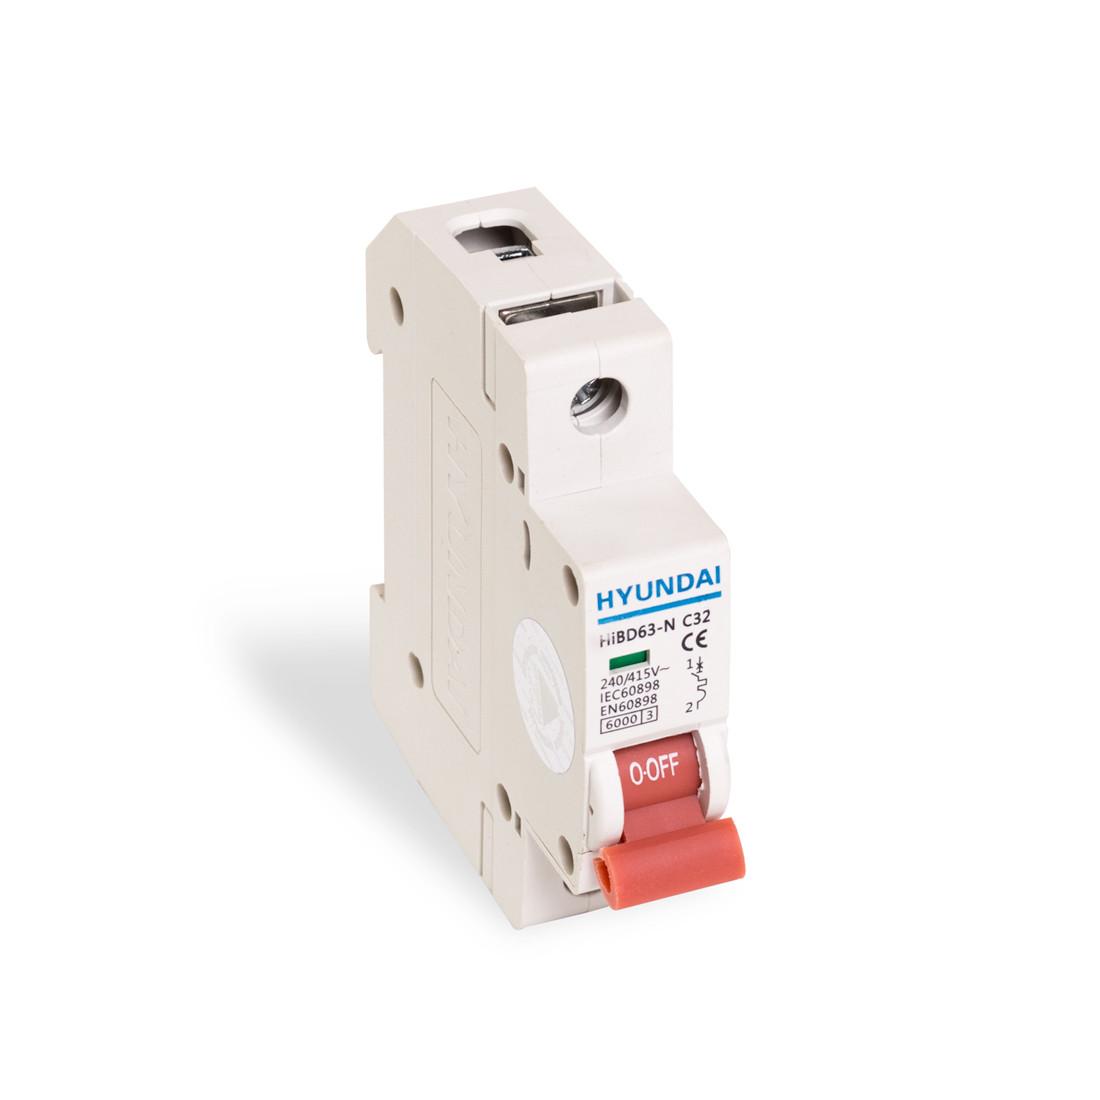 Автоматический выключатель реечный HYUNDAI HIBD63-N 1PMCS0000C 1Р 25А